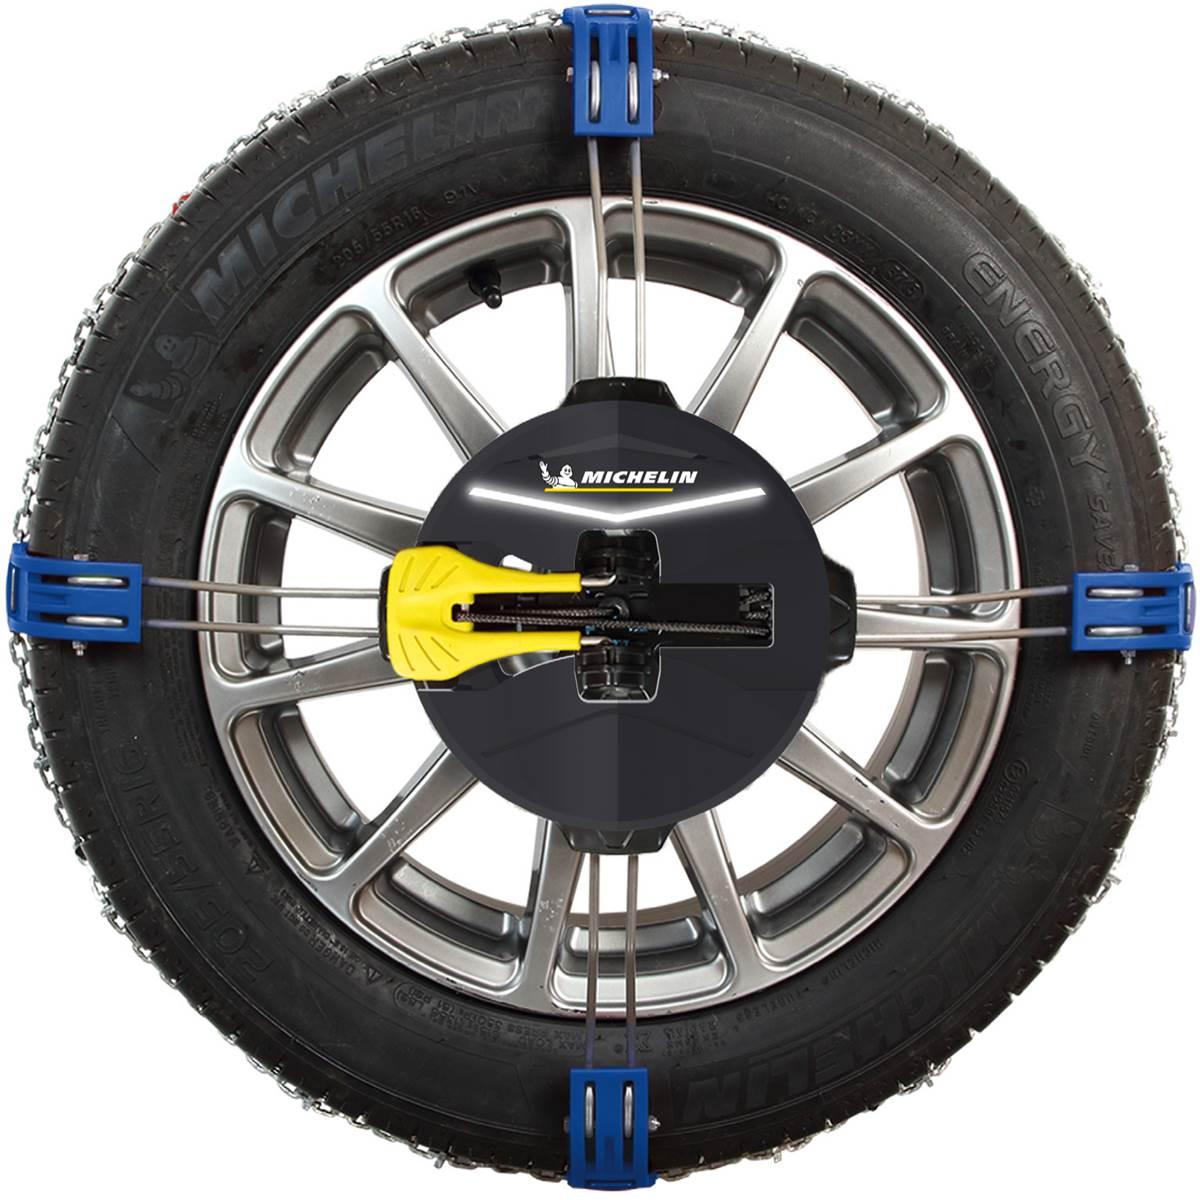 2 chaînes neige Fast Grip Michelin n°70